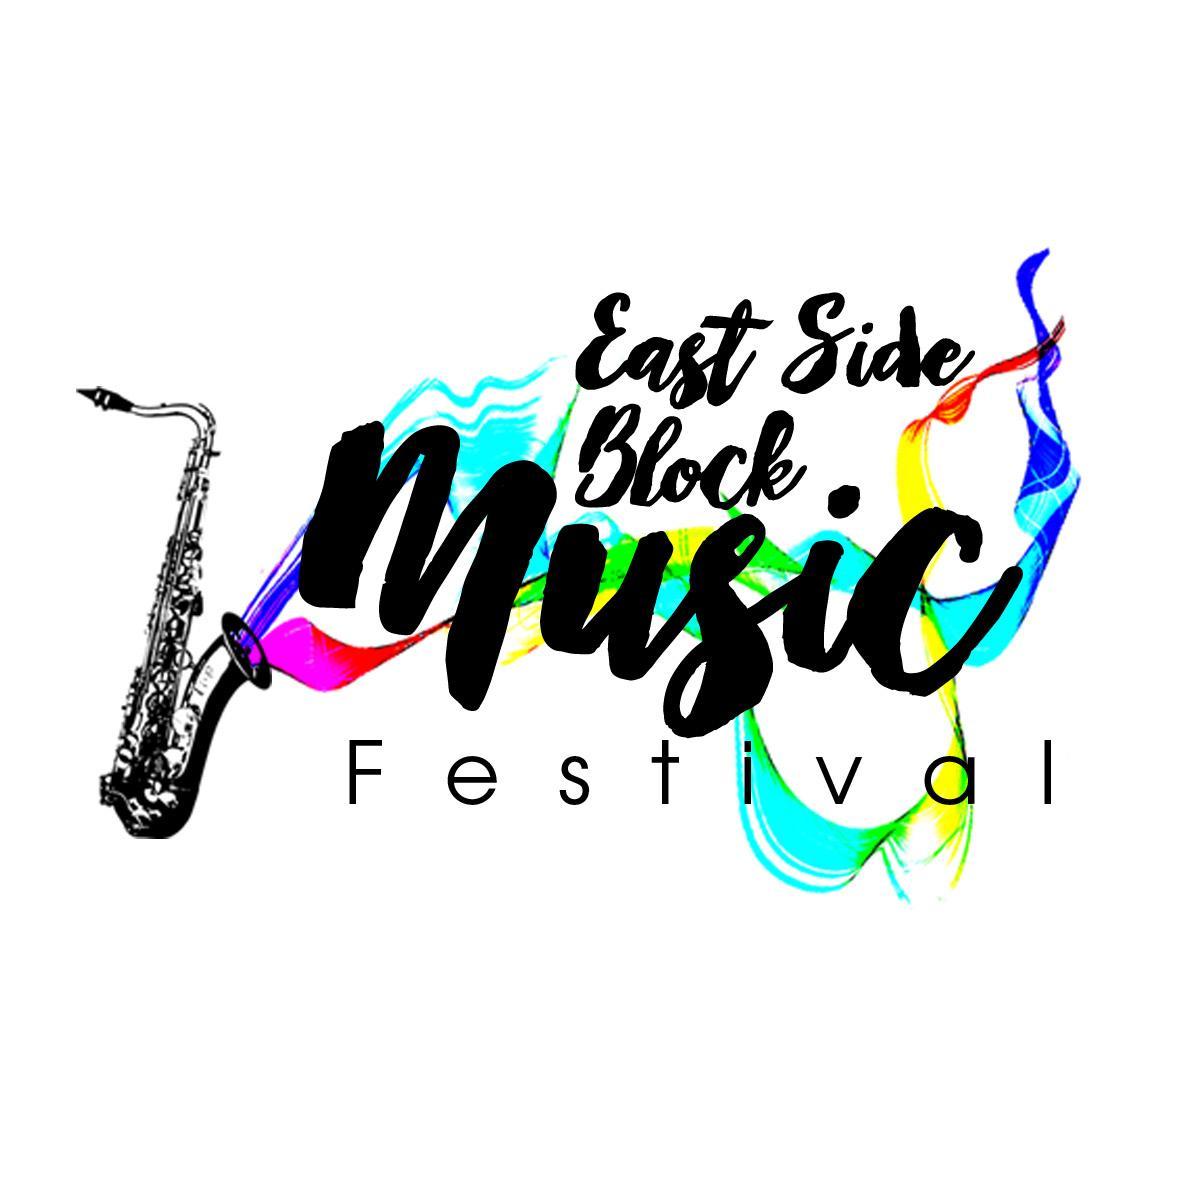 East Side Block Music Festival